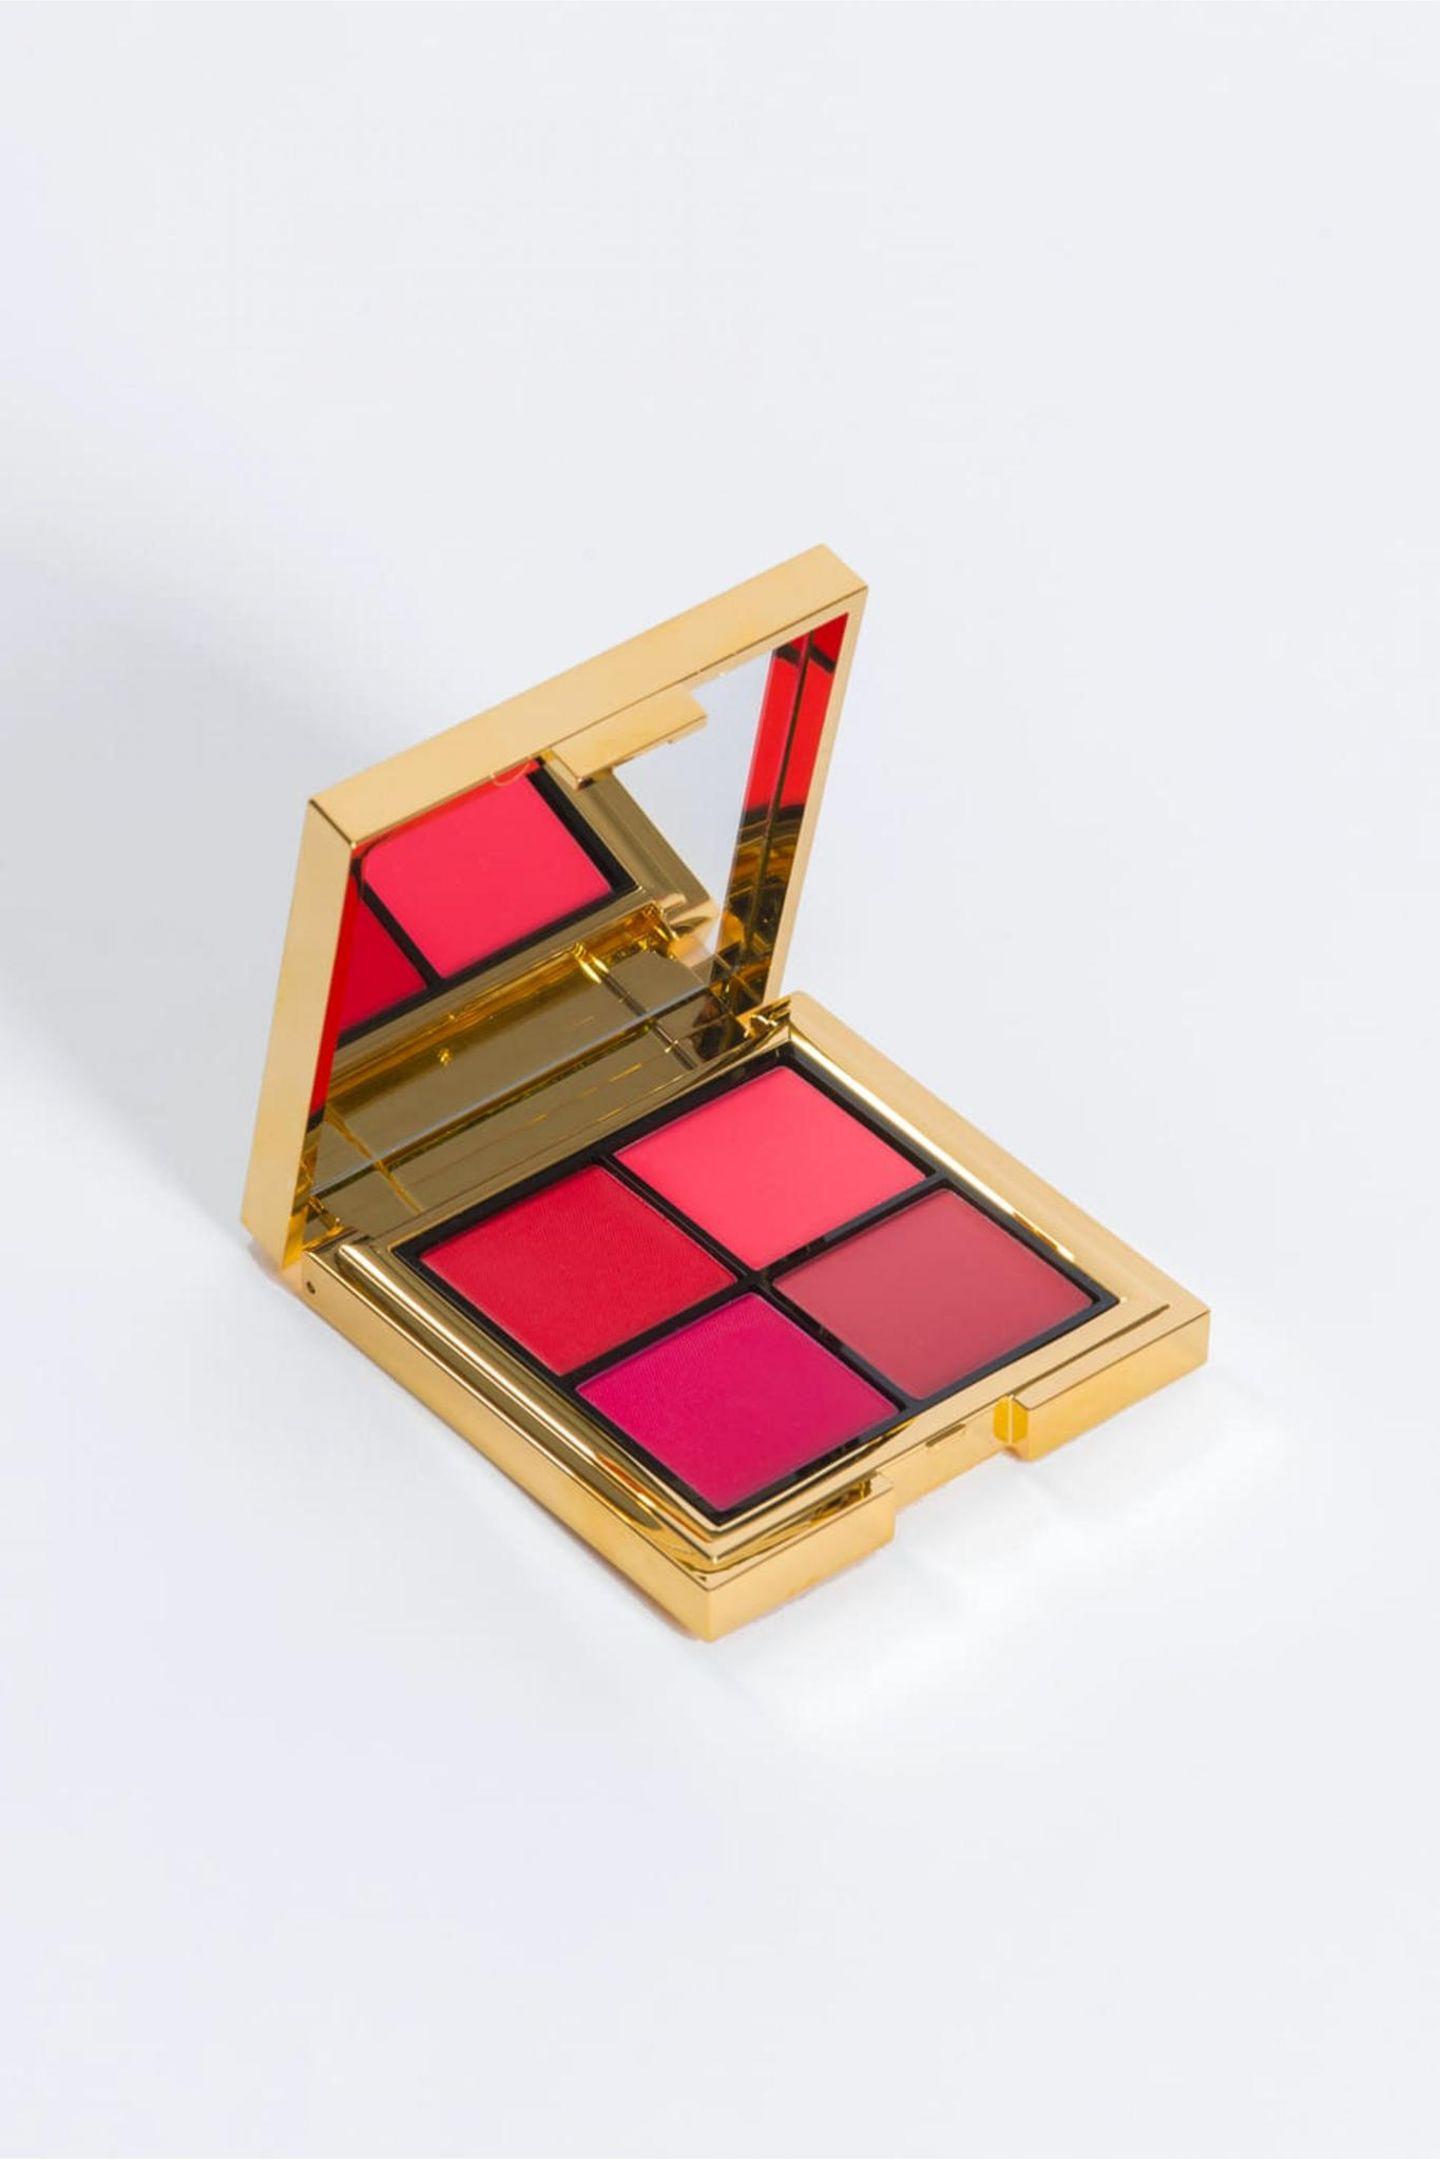 Lippenstift-Palette von Rouje